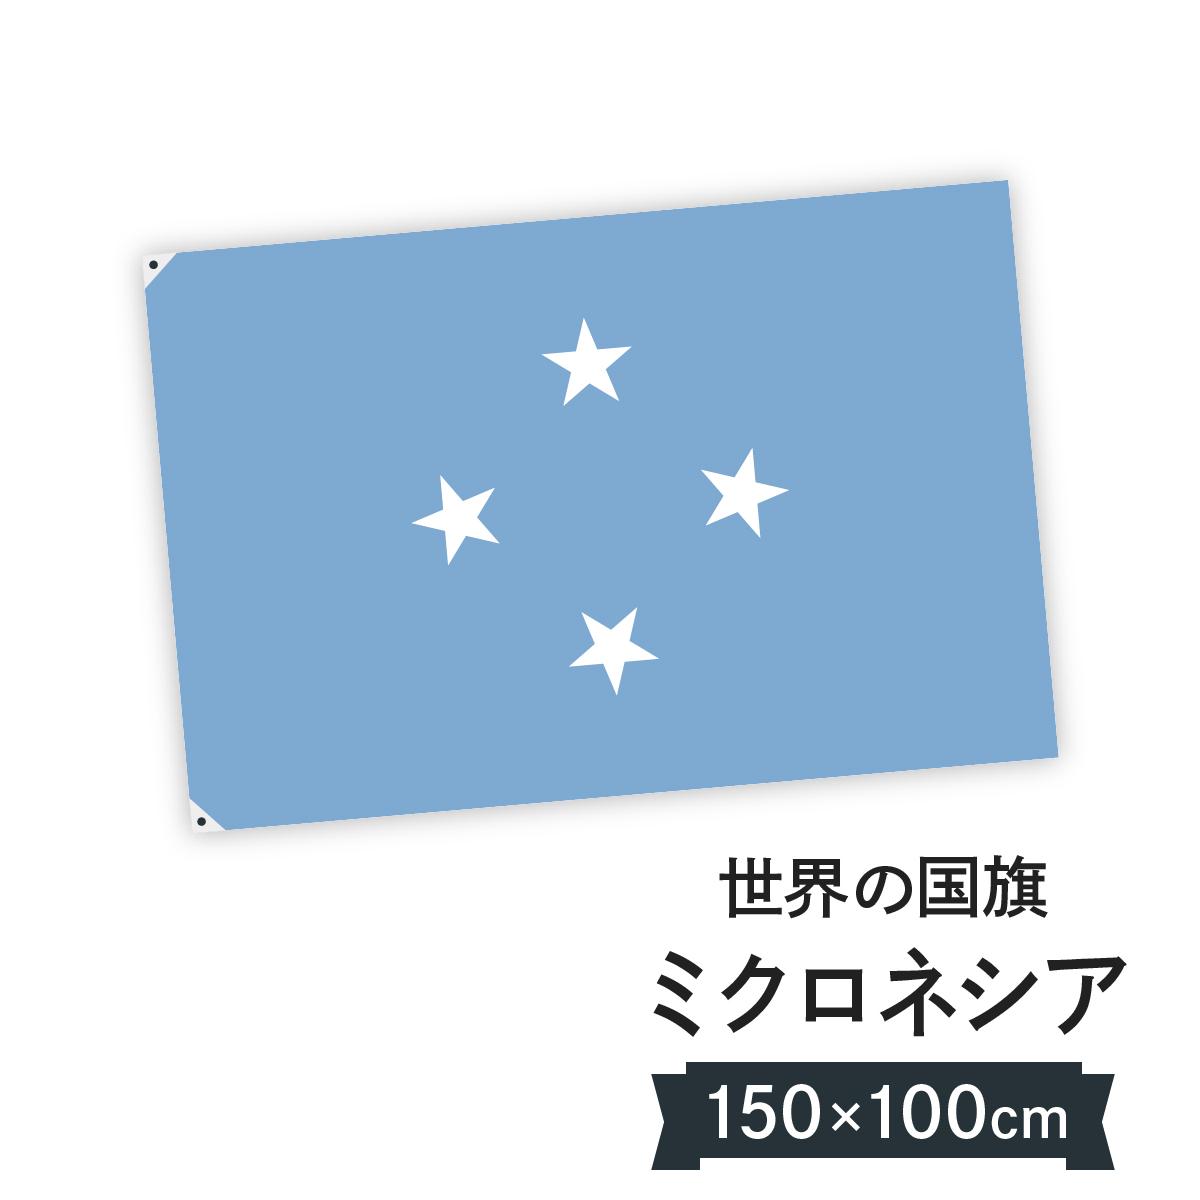 ミクロネシア連邦 国旗 W150cm H100cm